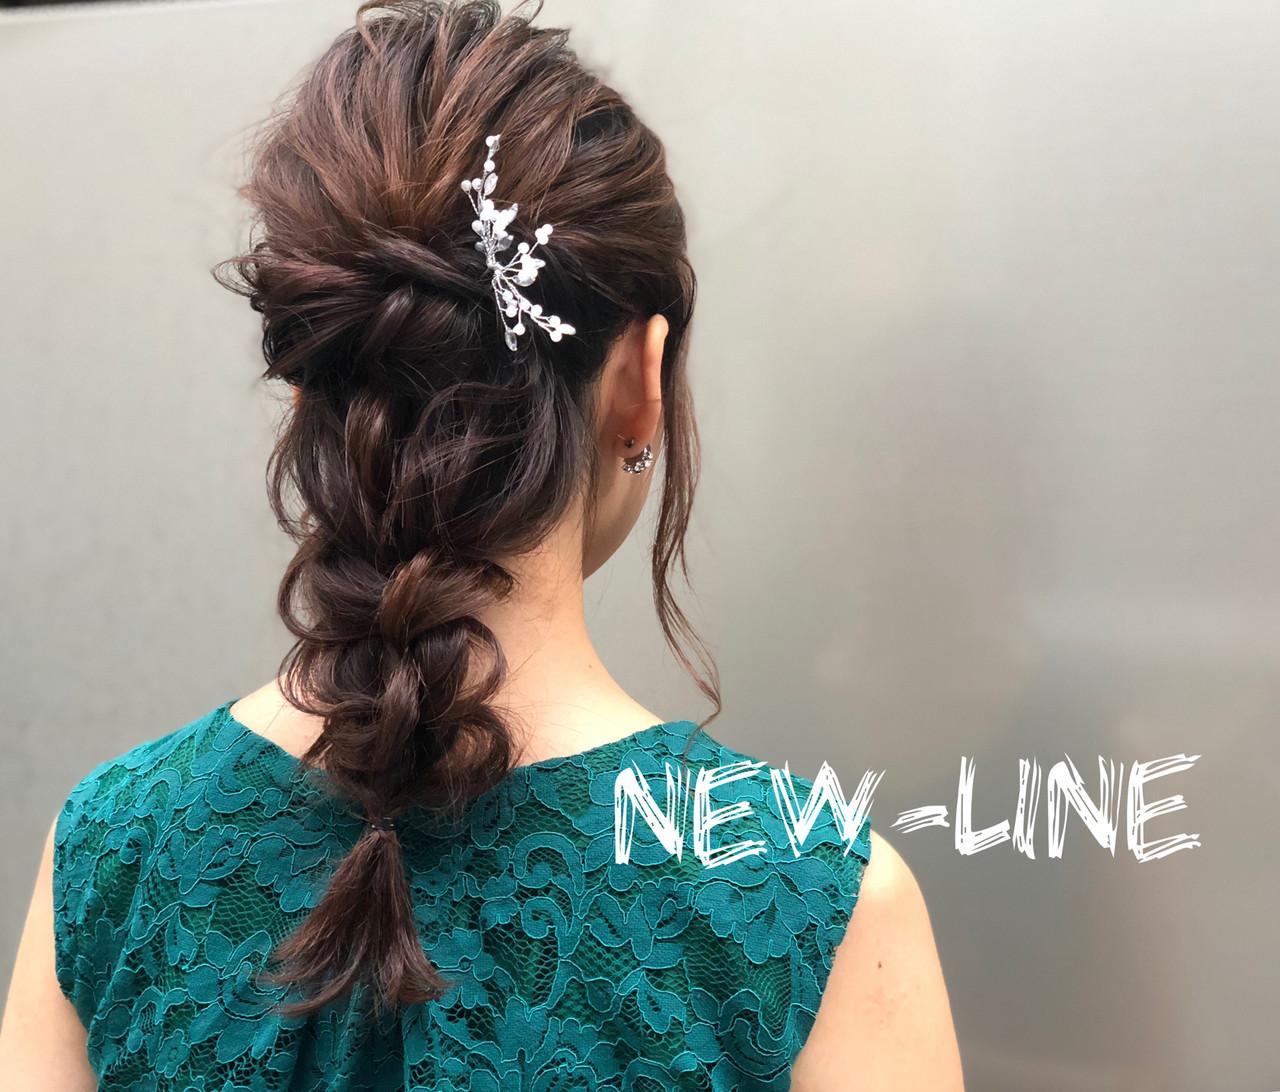 セミロング フェミニン ヘアアレンジ デートヘアスタイルや髪型の写真・画像